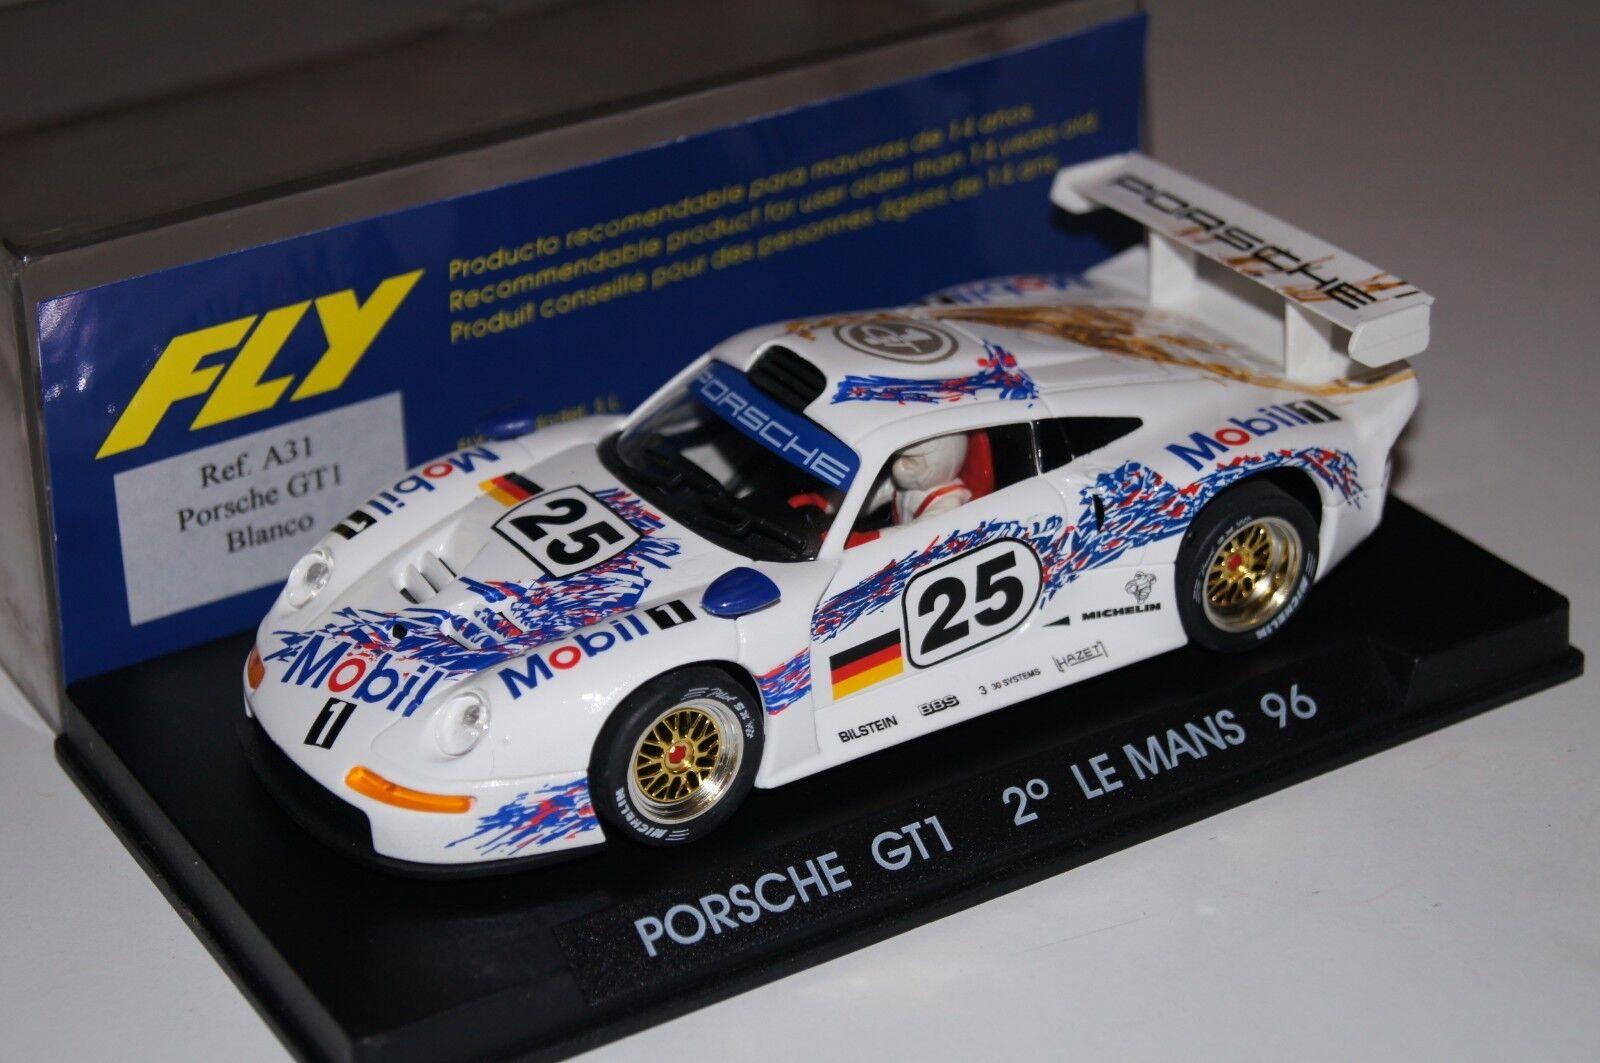 1/32 FLY A31 PORSCHE 911 GT1 N°25 2° LE LE LE MANS 1996 MB e4b785